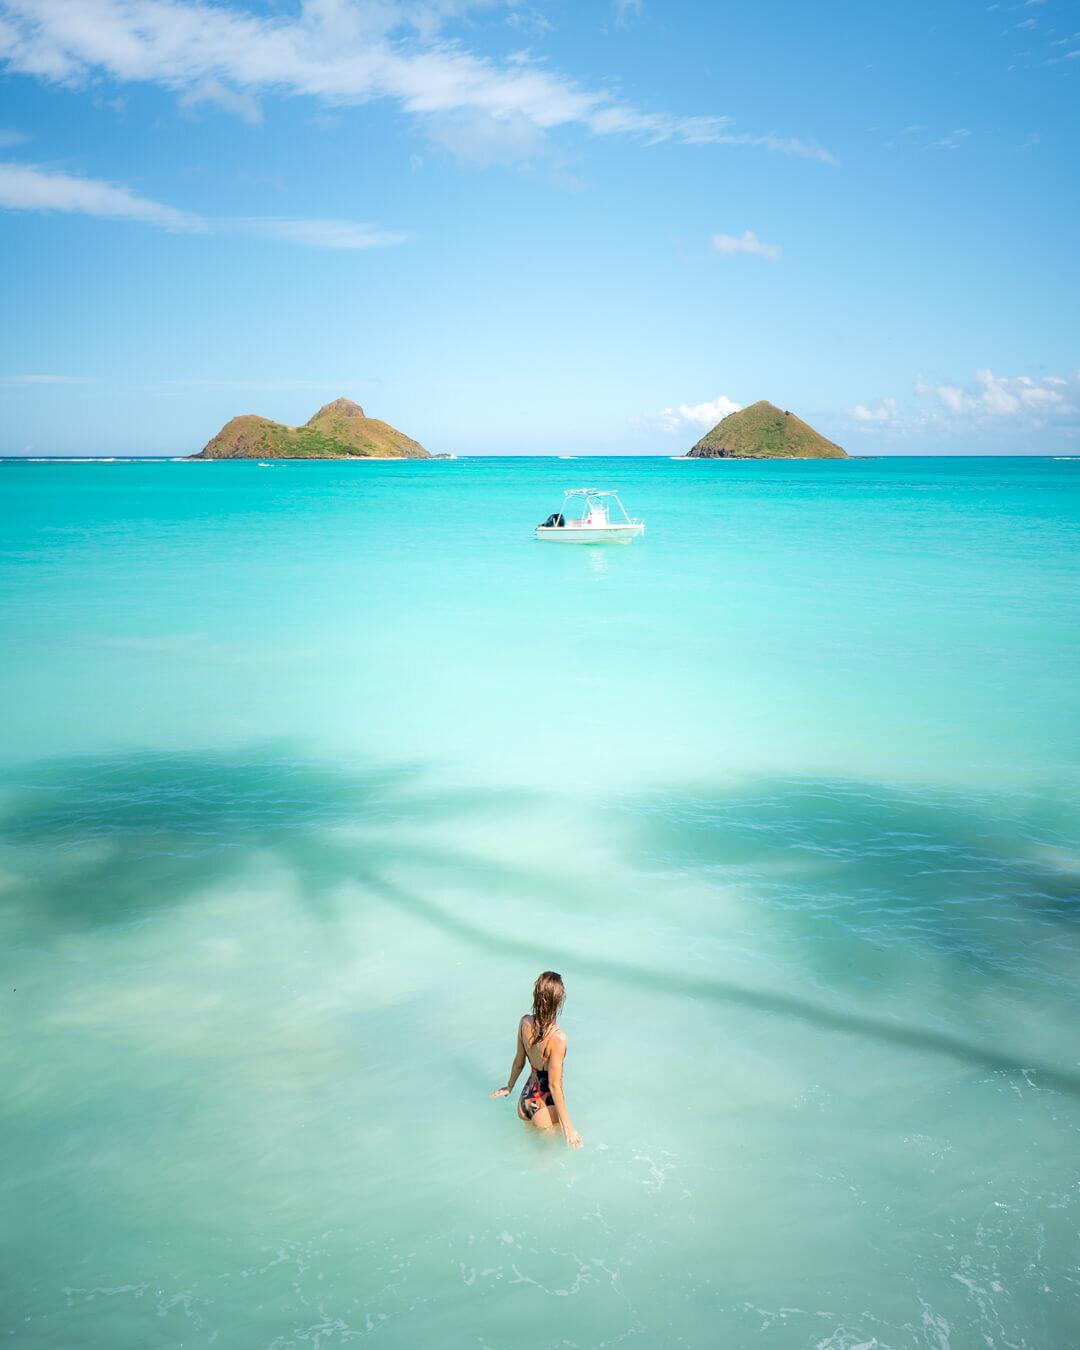 Lanikai Beach on Oahu, Hawaii.